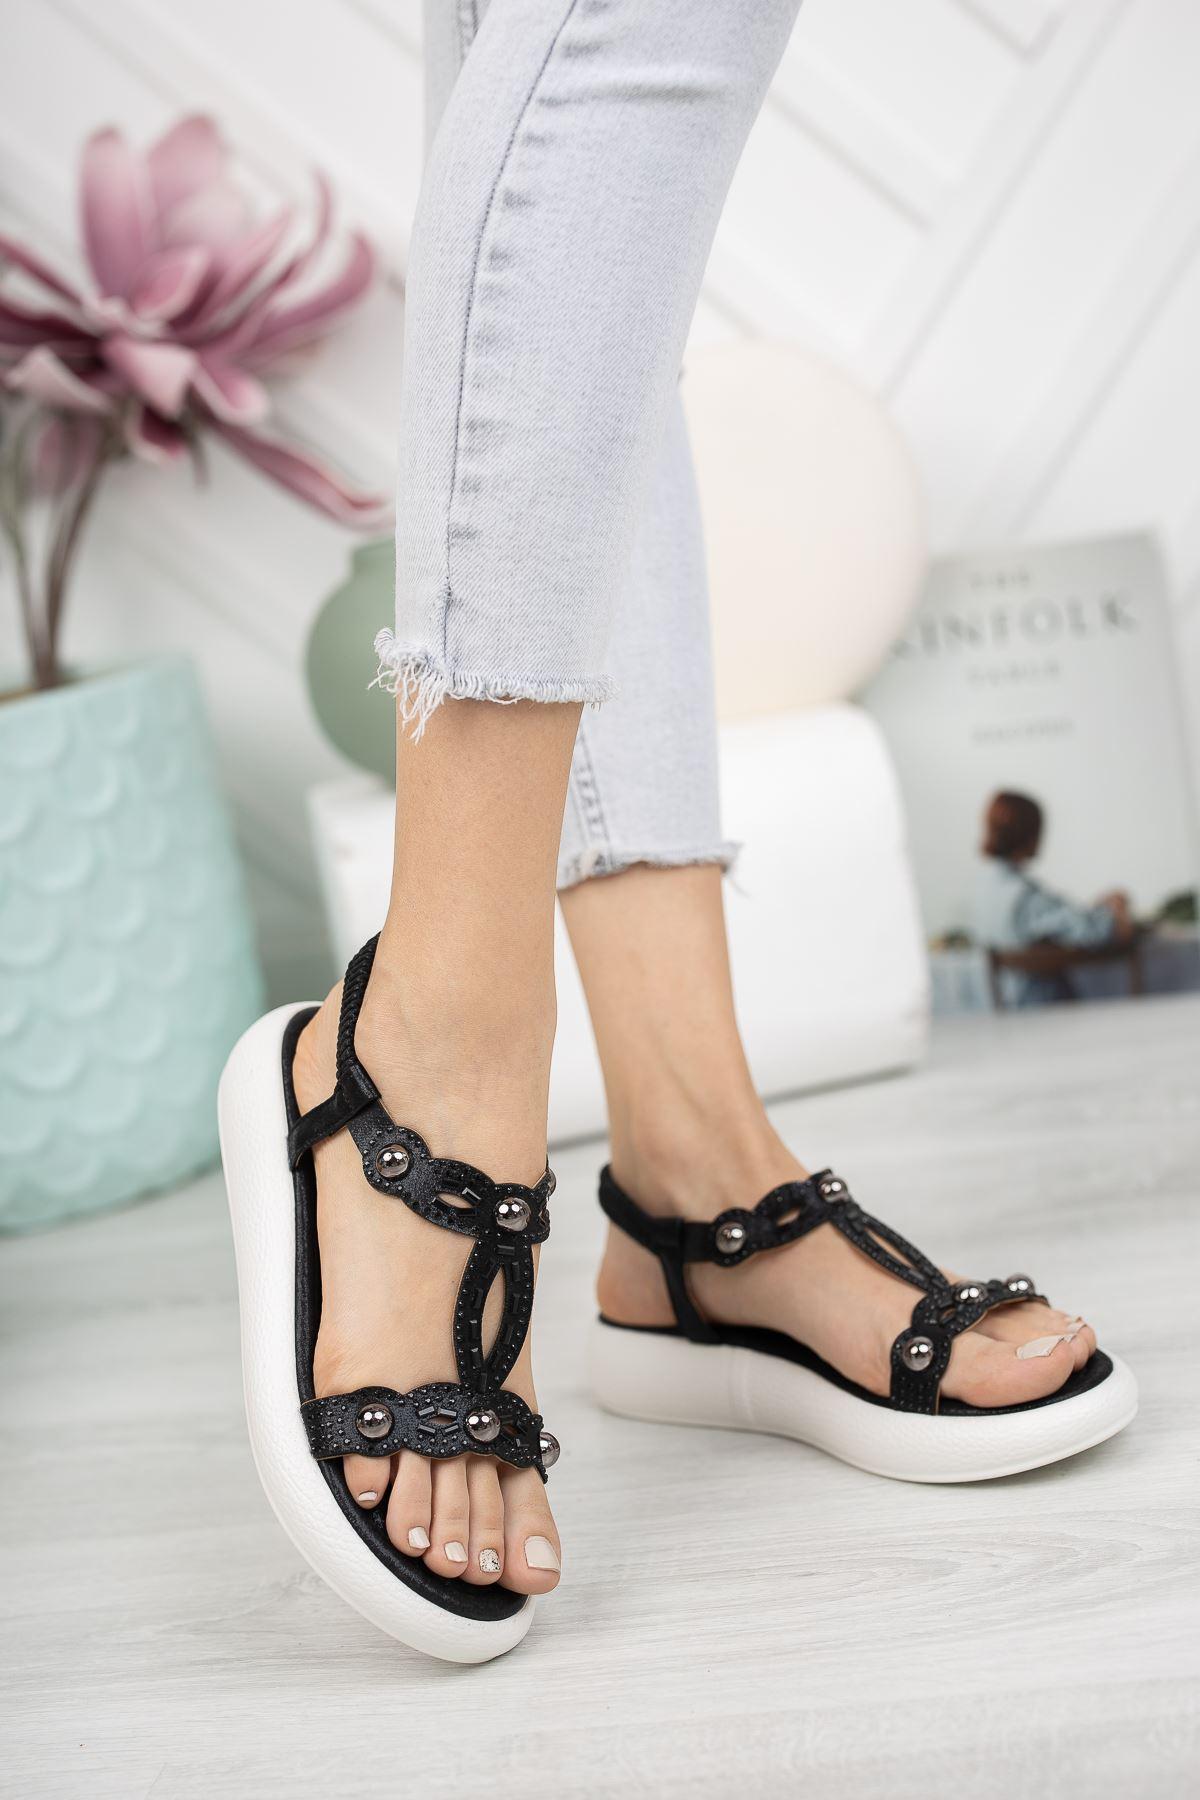 Siyah Taşlı Bileği Lastikli 4 Cm Taban Sandalet